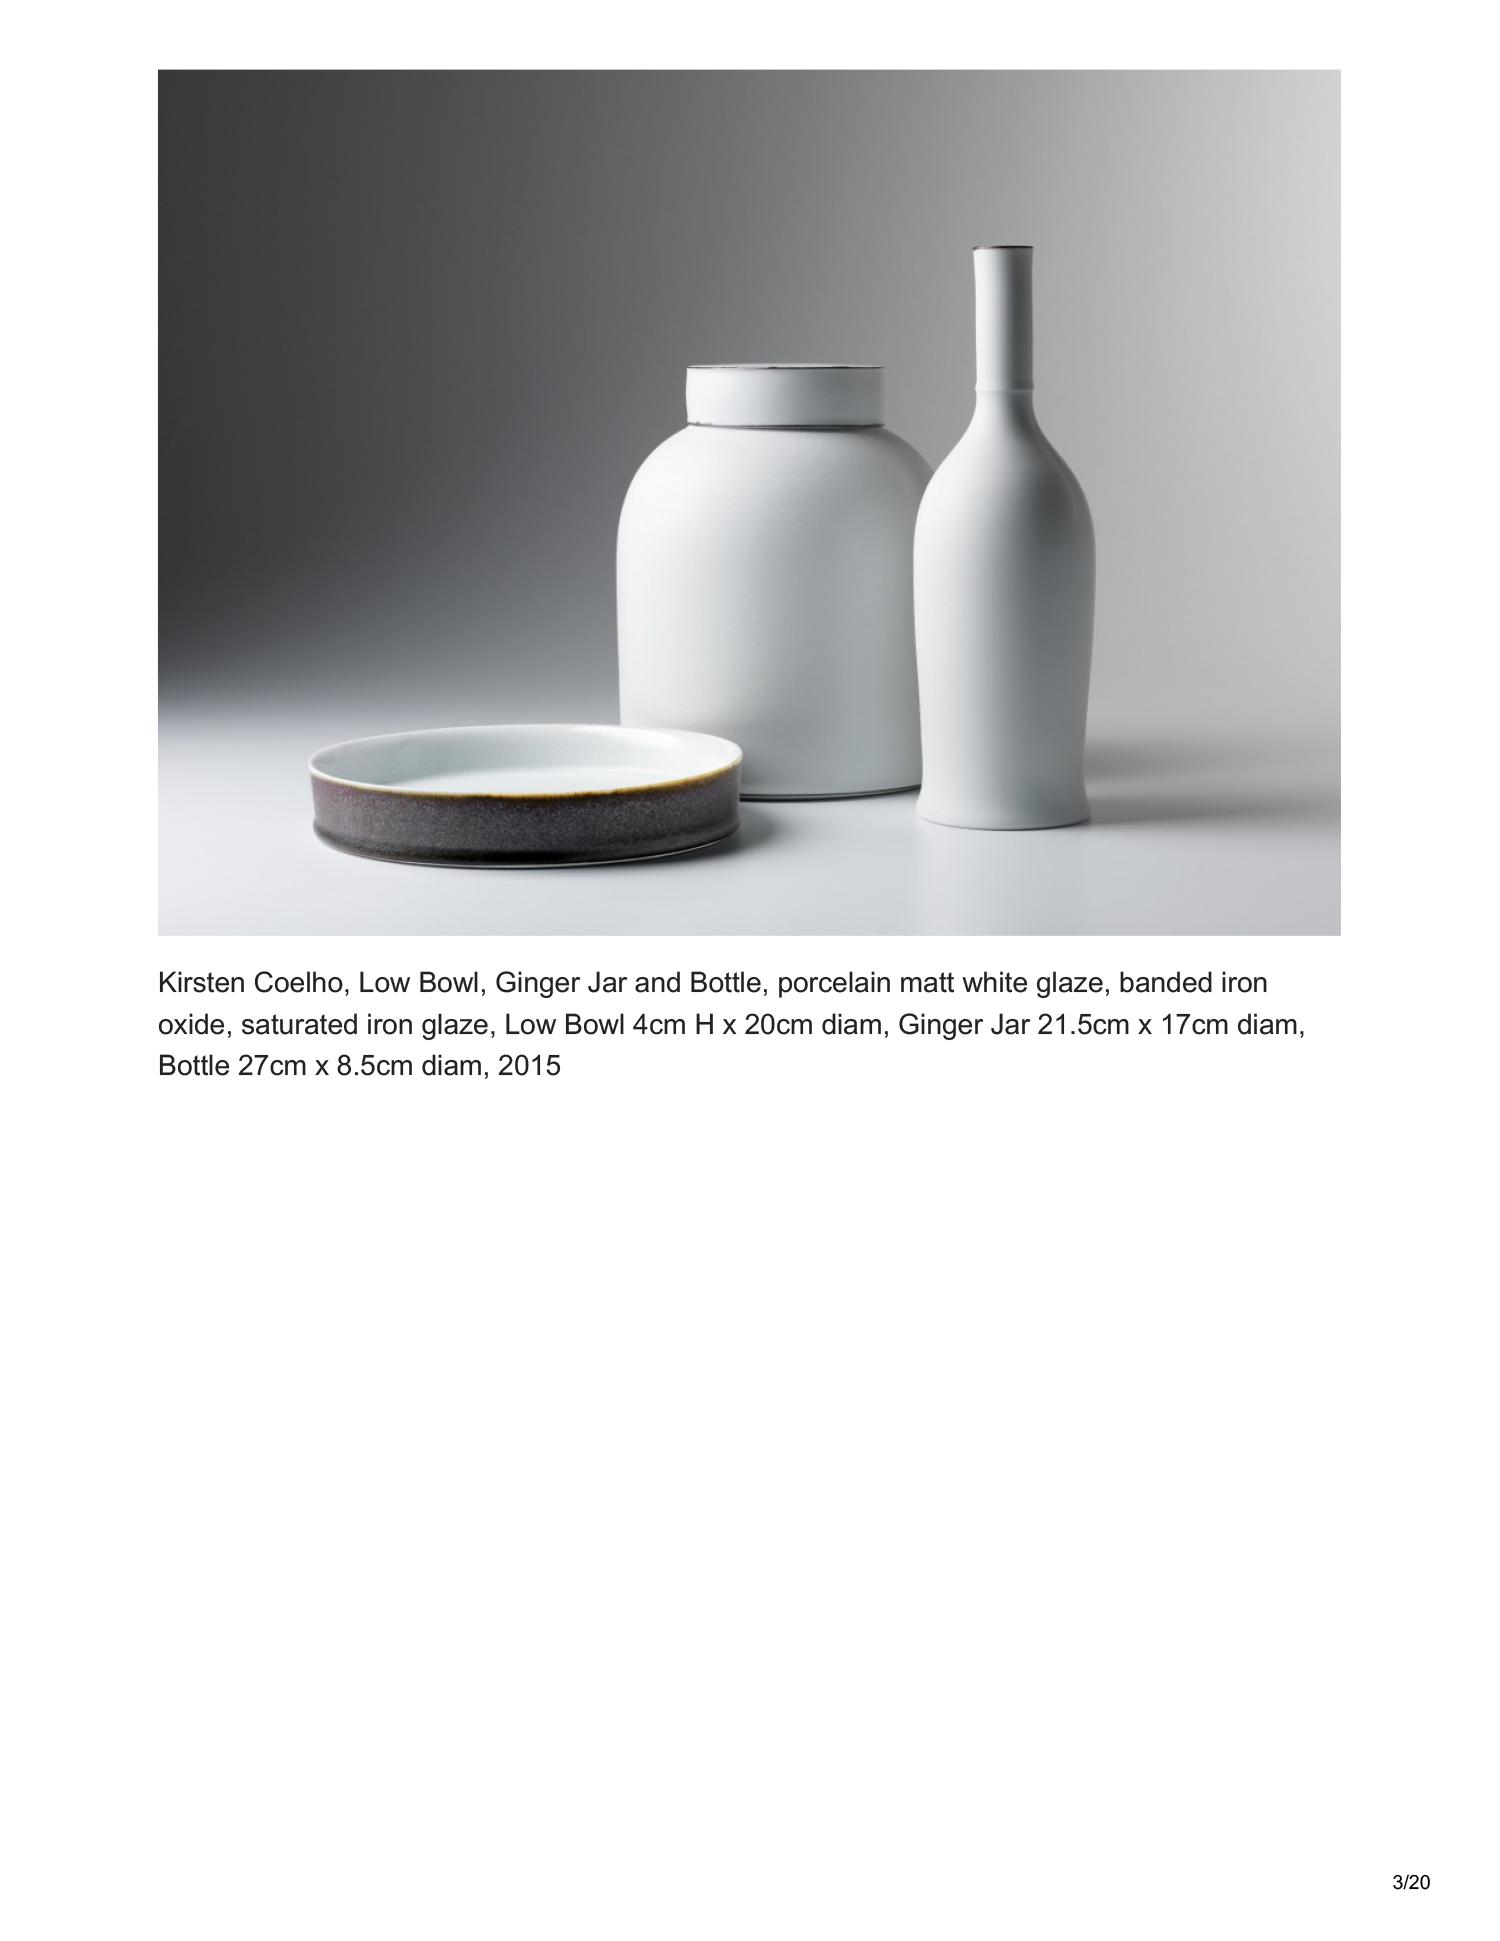 Still Kirsten Coelhos ceramics-3.jpg